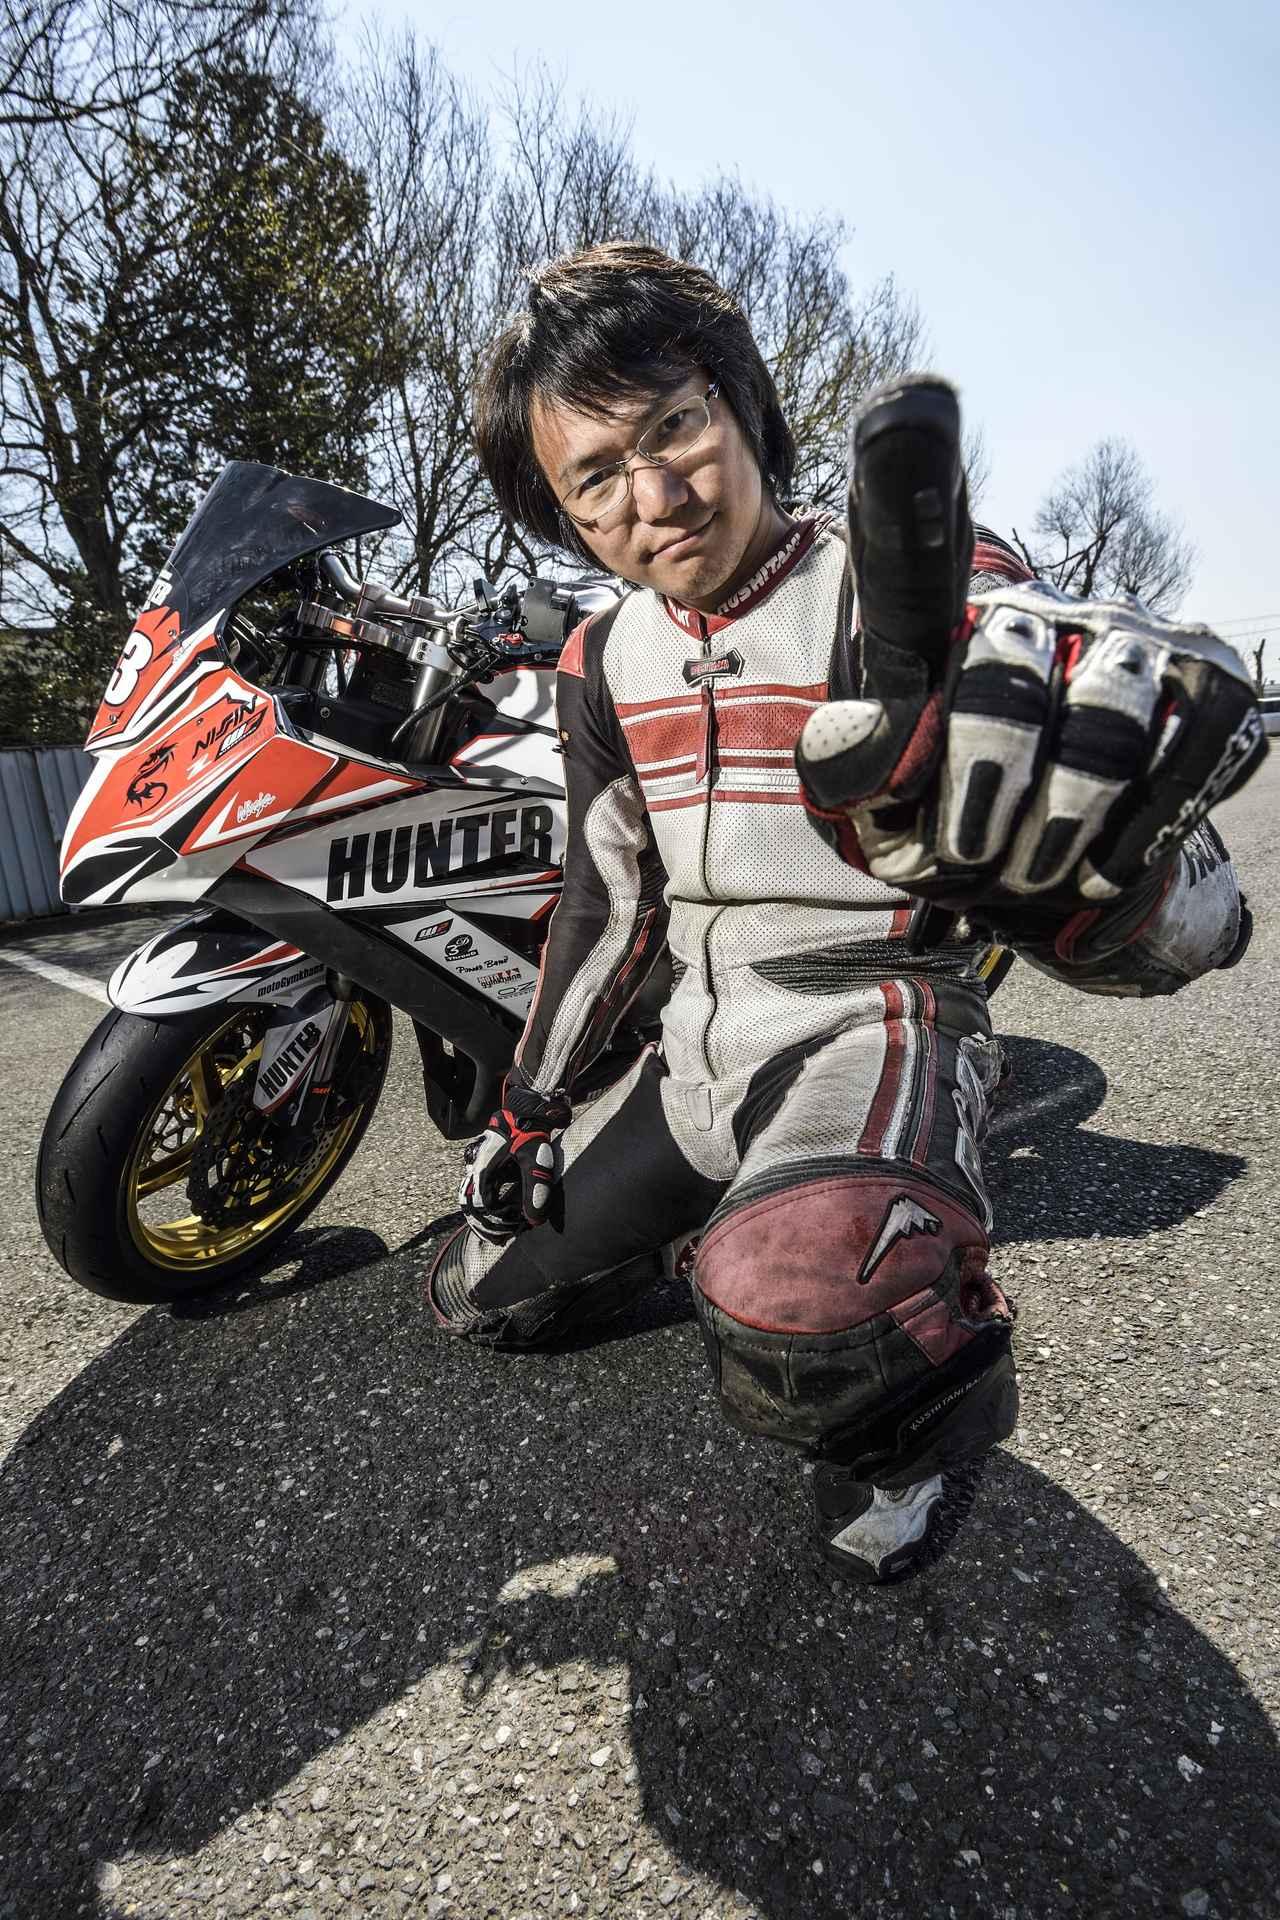 画像1: 「盛り上がってて楽しみ! で、勝つのはオレね」 スーパーバイクで全開アタック【小崎弘敬】